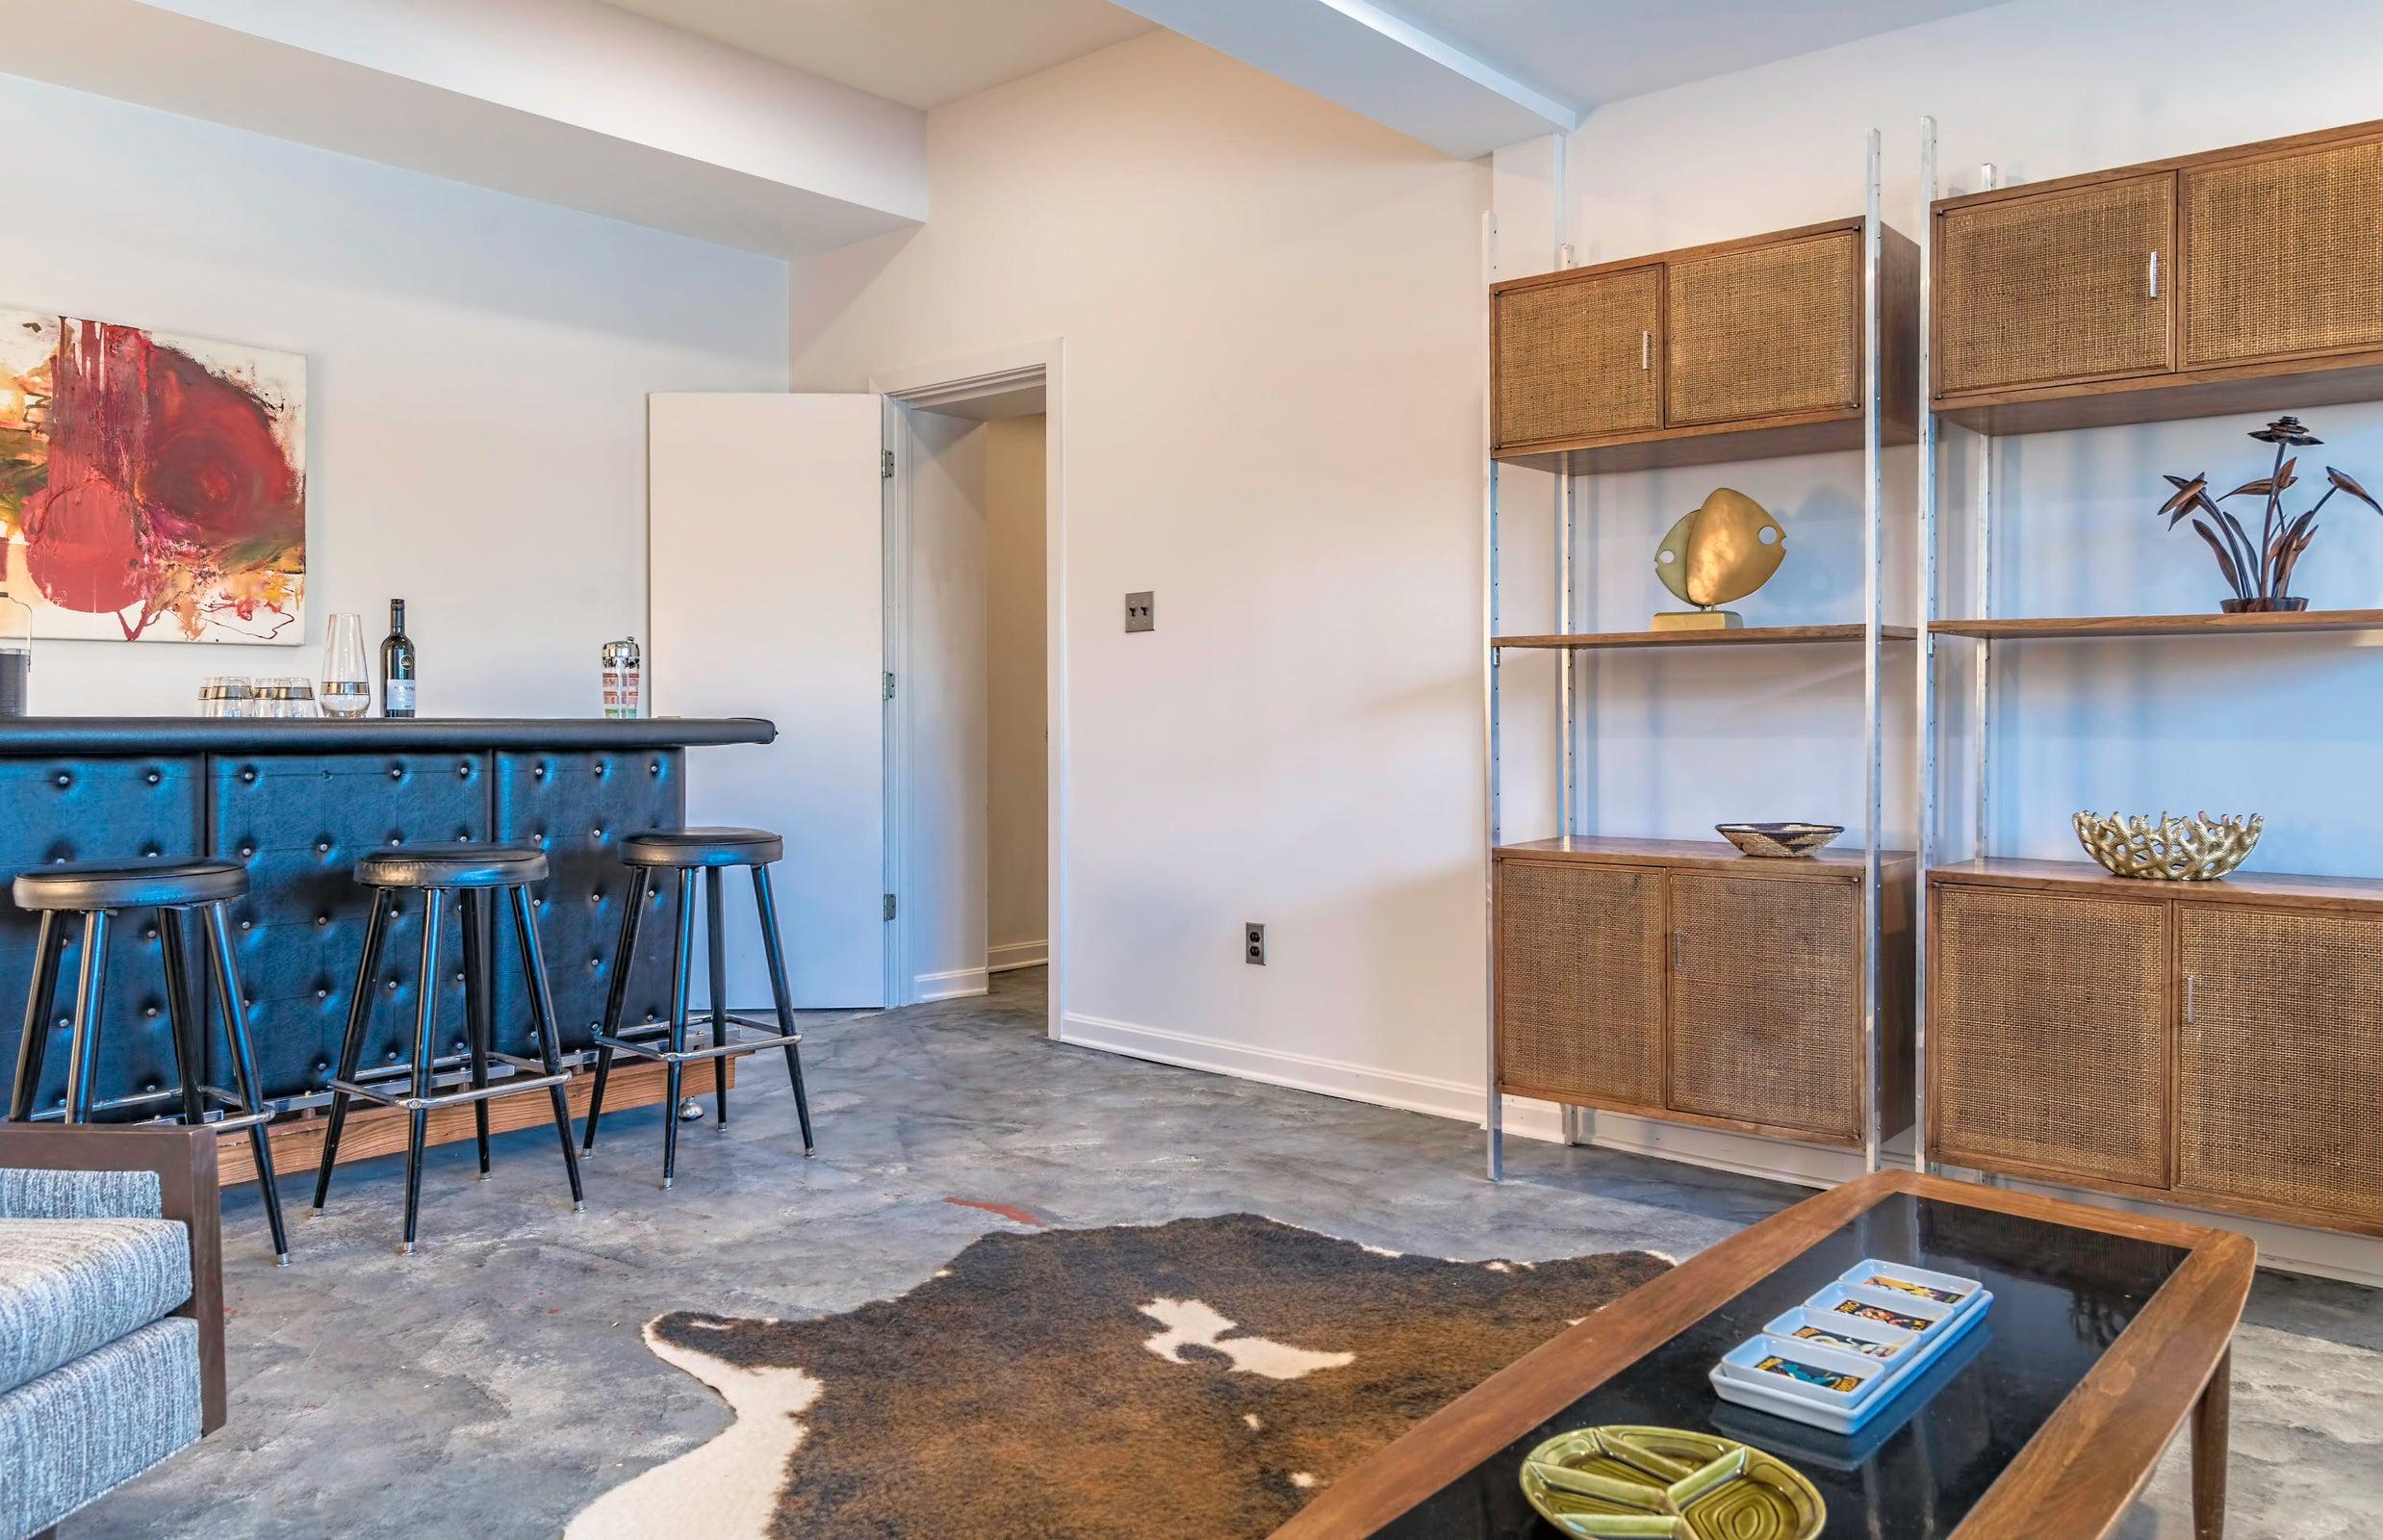 DSC_2358 - Bedroom 5 Guest Suite